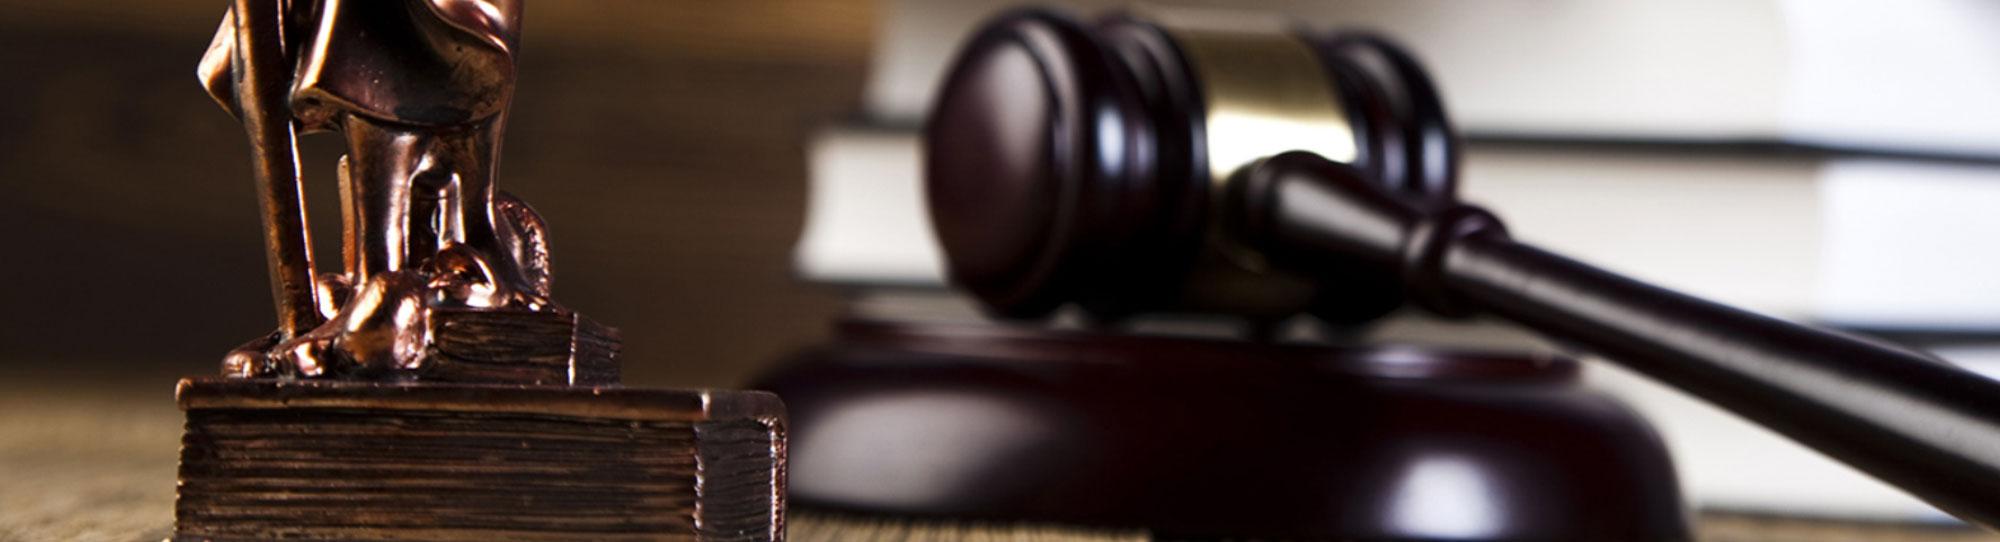 上海公司法律顾问及纠纷处理-可靠的公司法律事务